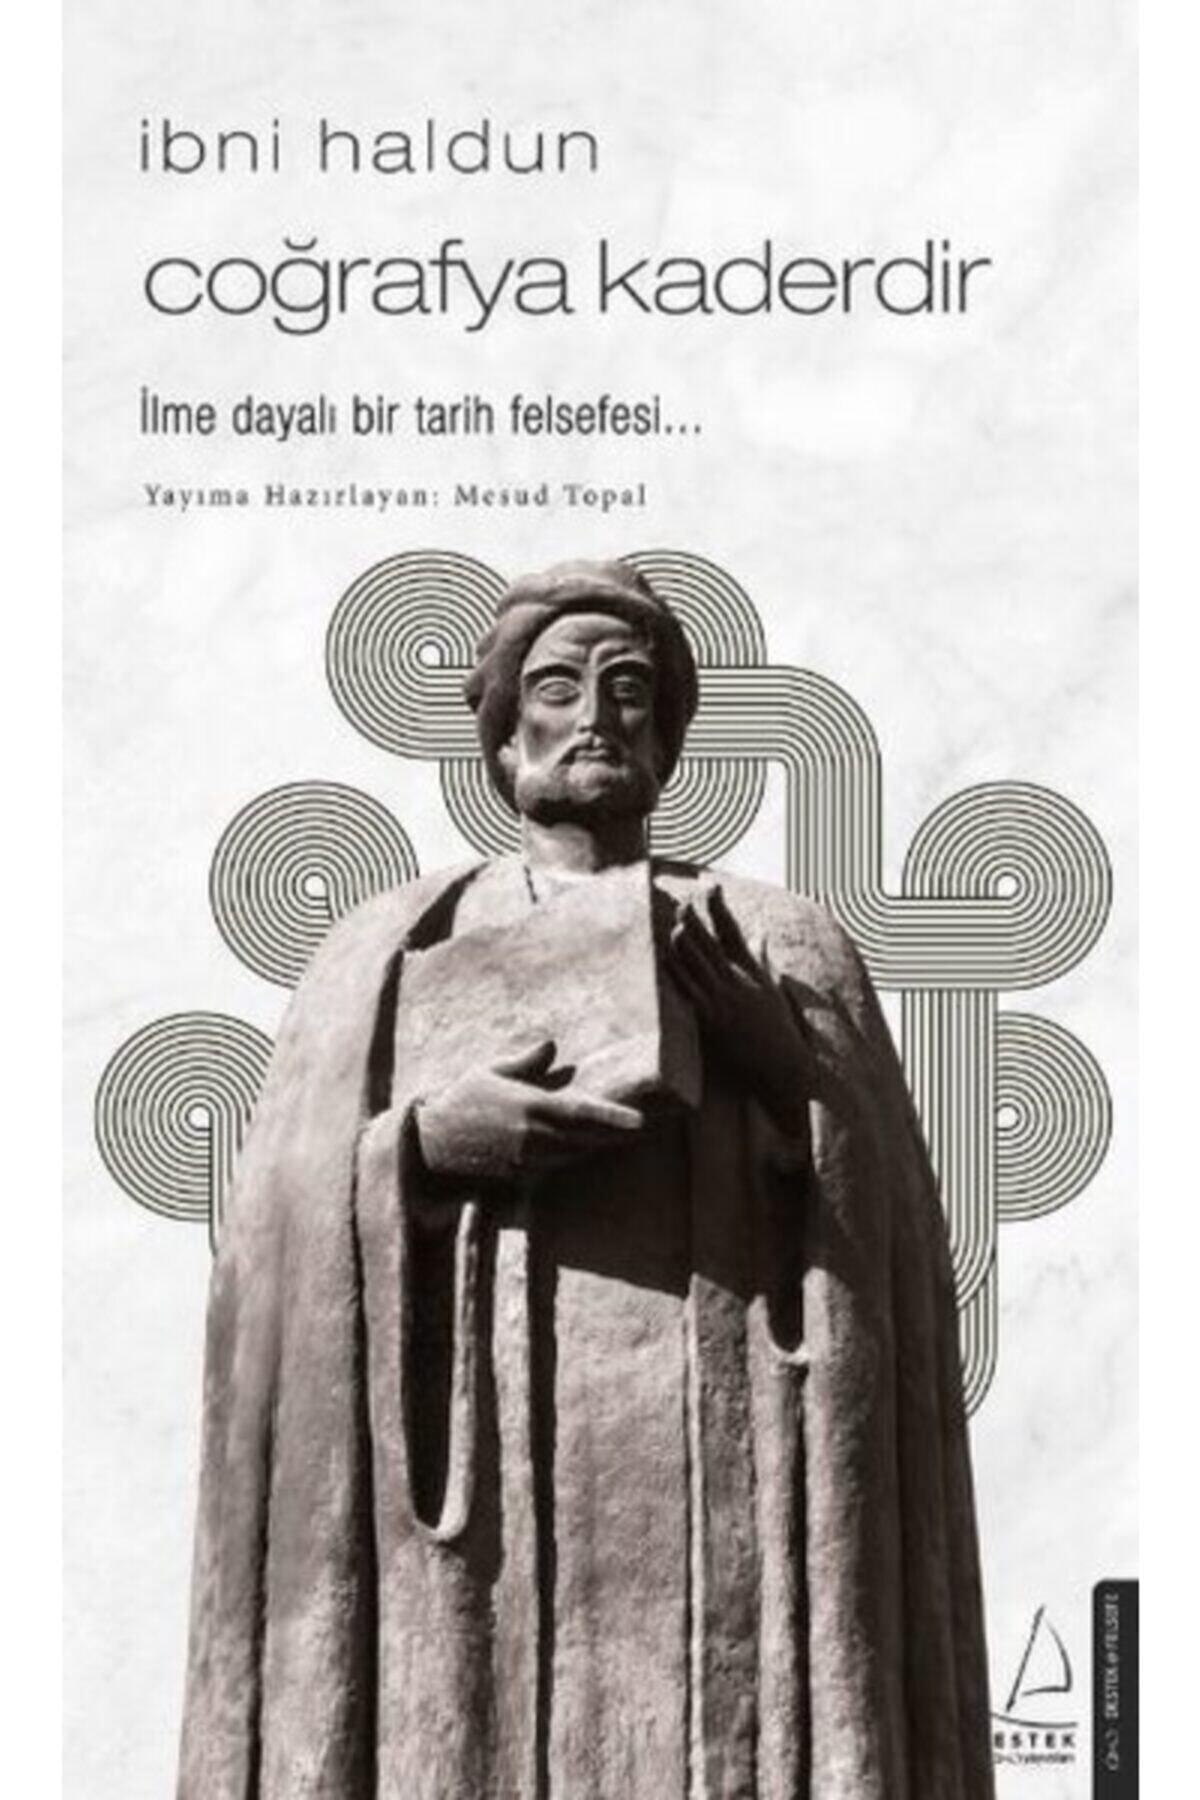 Destek Yayınları Ibni Haldun - Coğrafya Kaderdir - Mesud Topal / 1